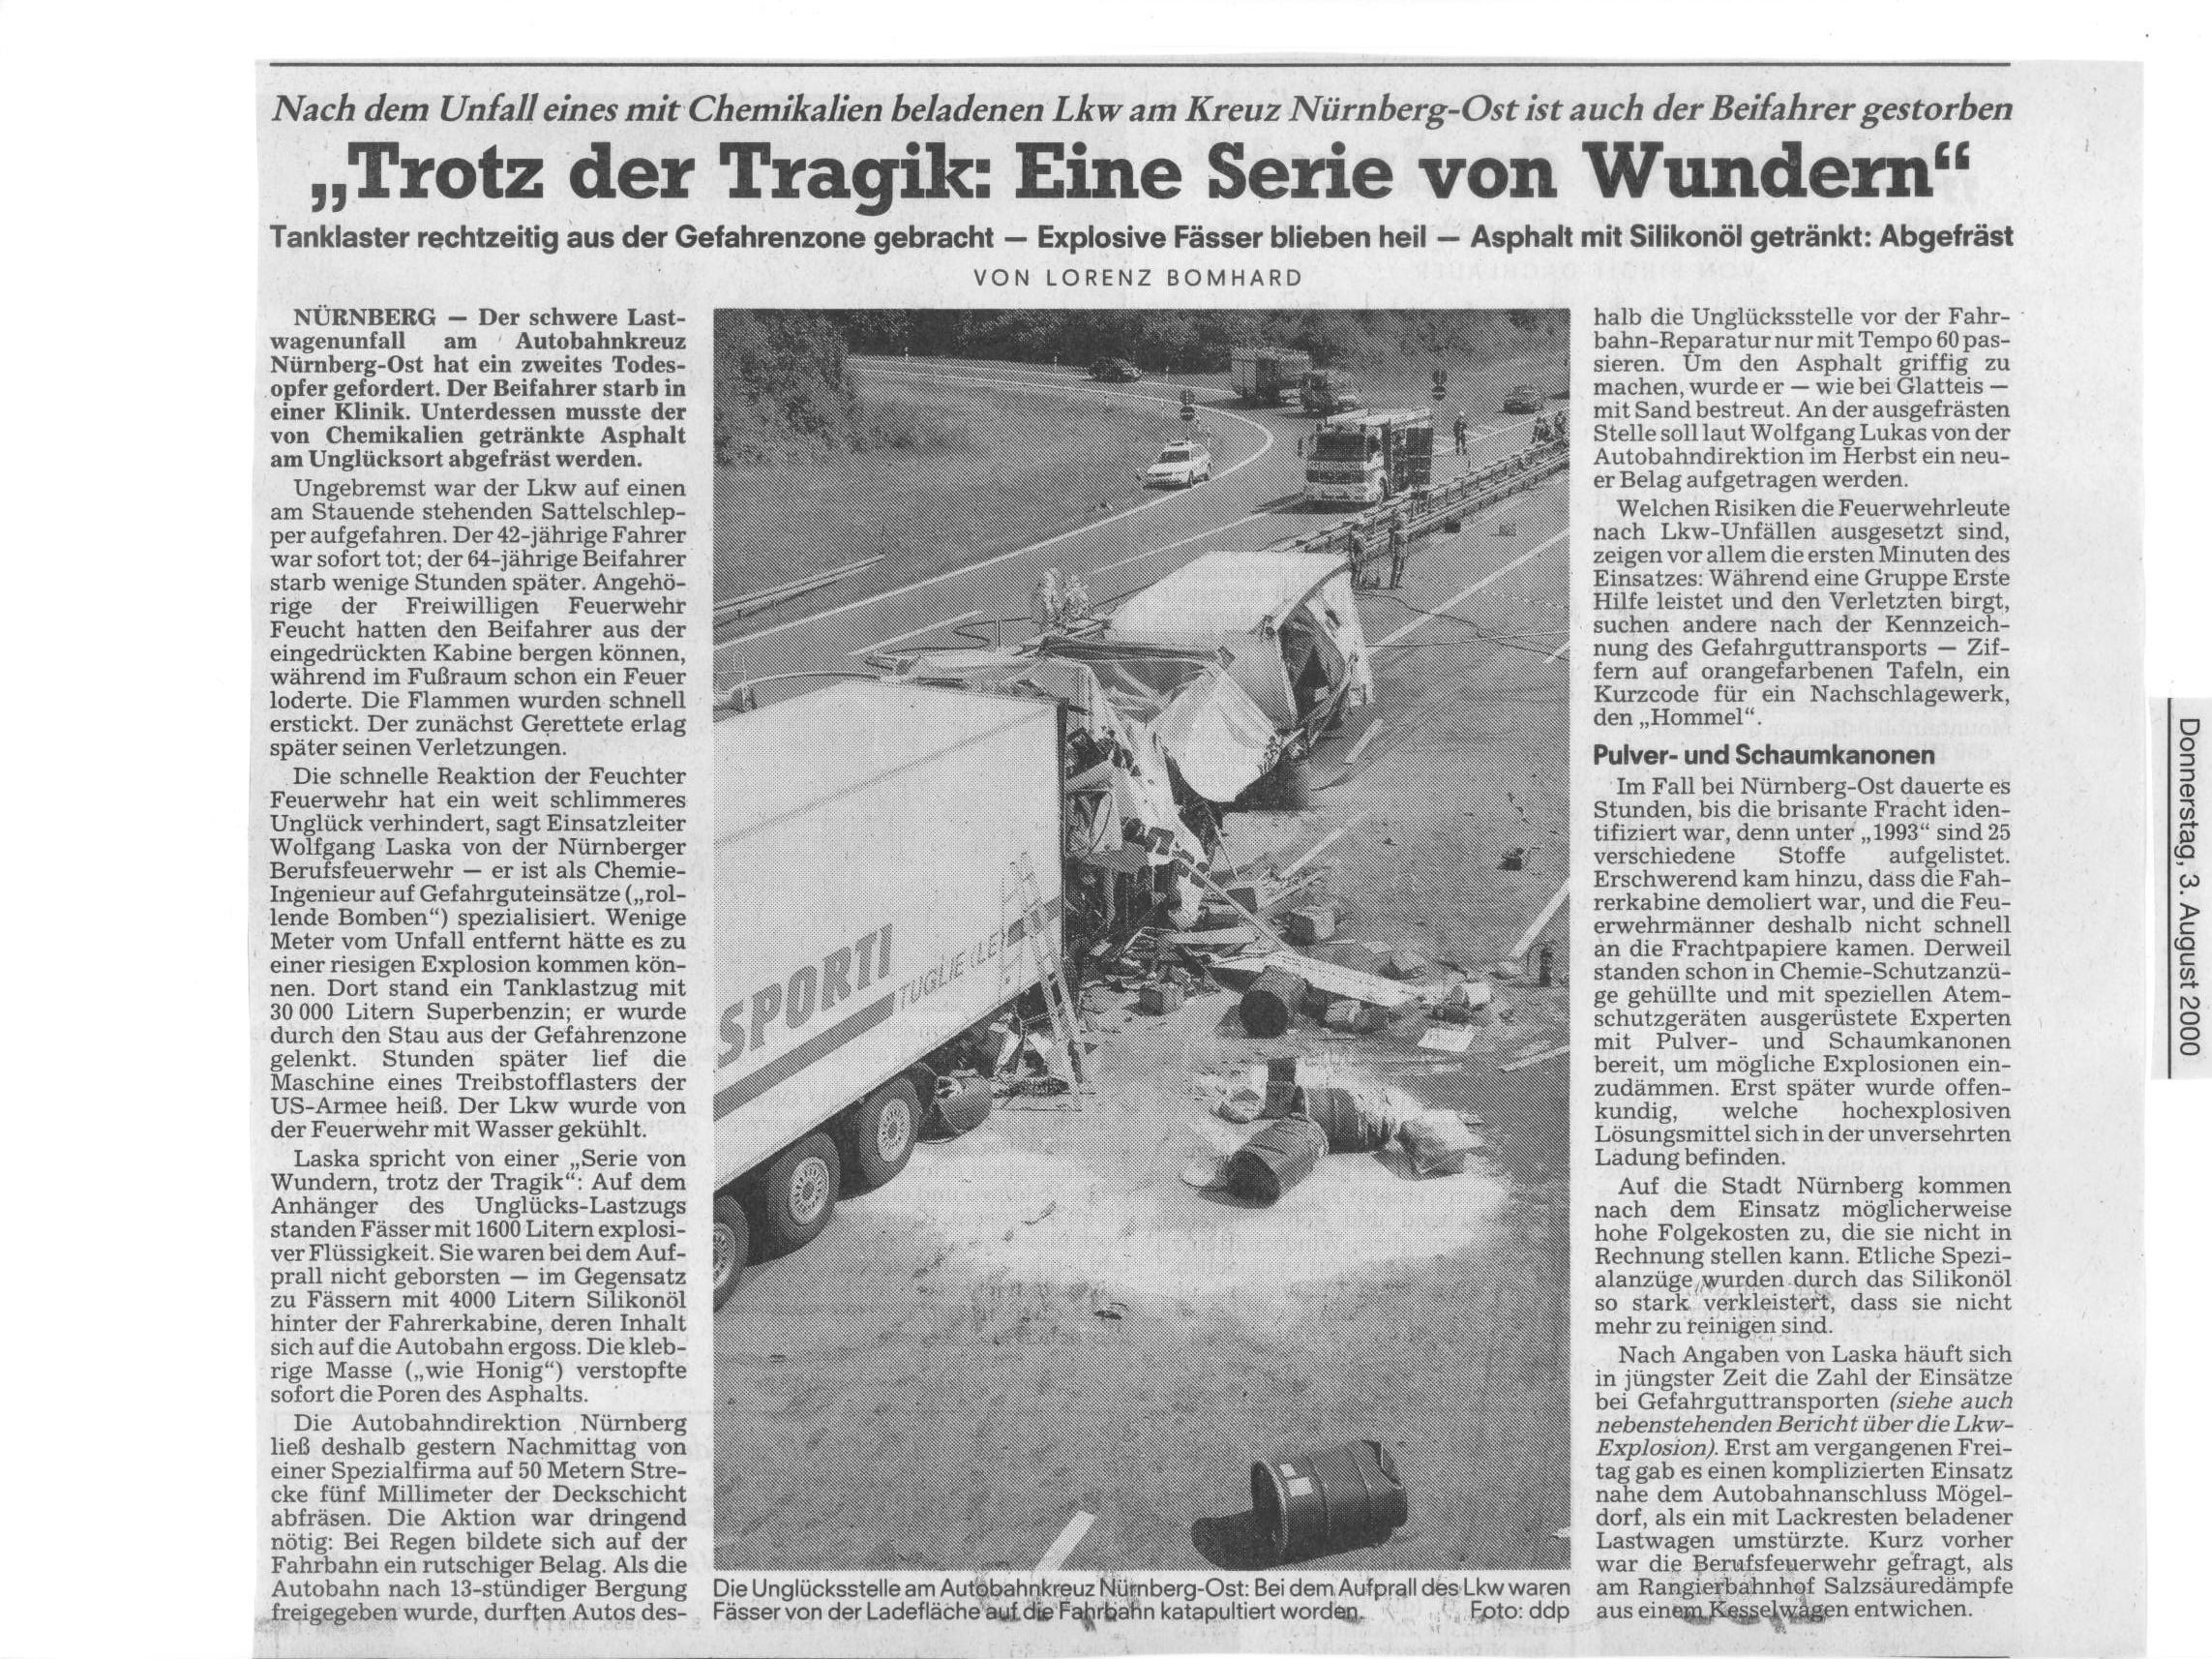 2000_08_01-Zeitungsbericht-3-Gefahrgutunfall-AK-Nbg.-Ost